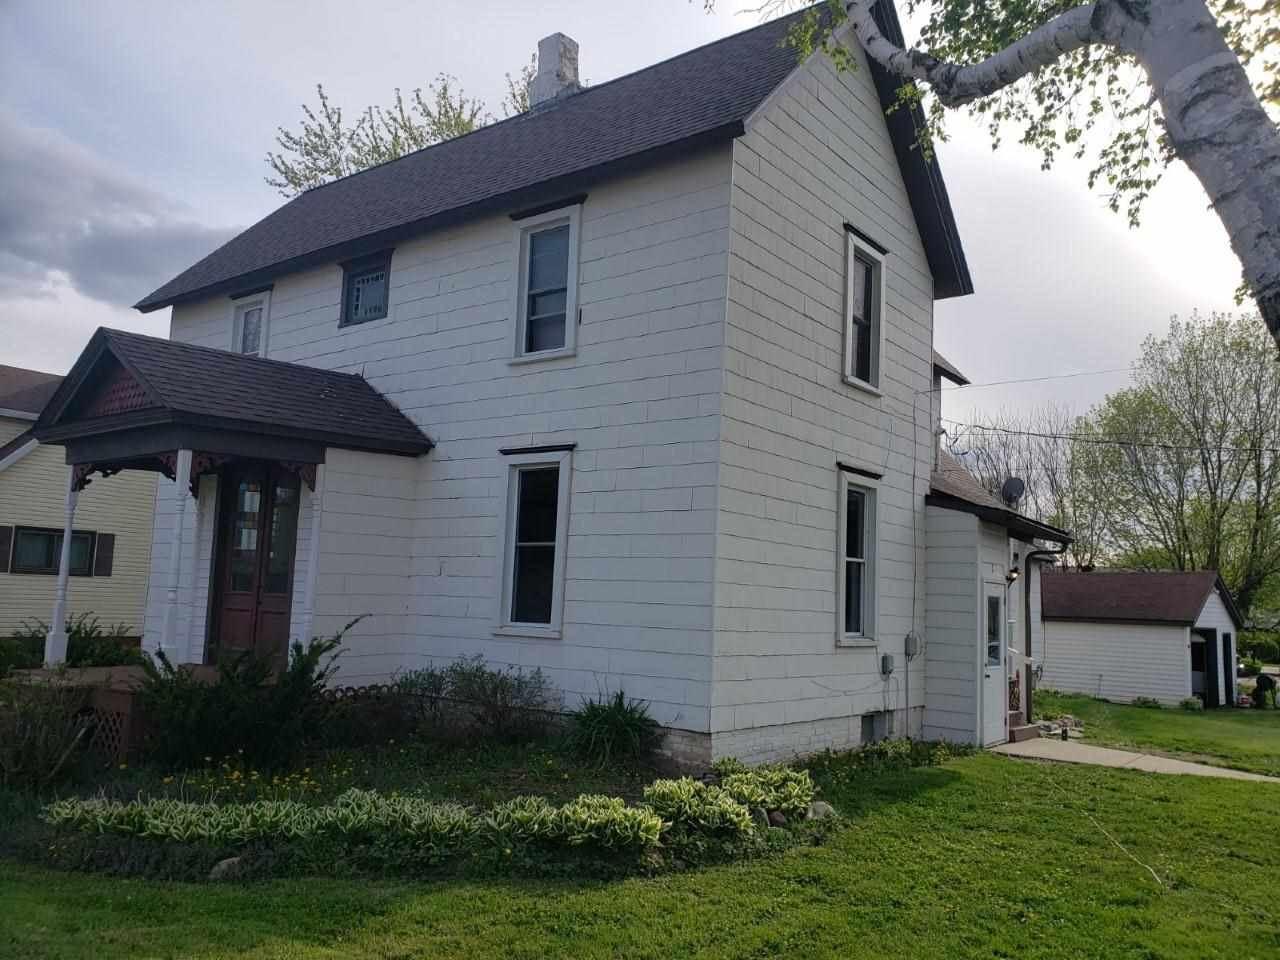 6761 Depot St, Windsor, WI 53598 - #: 1908357